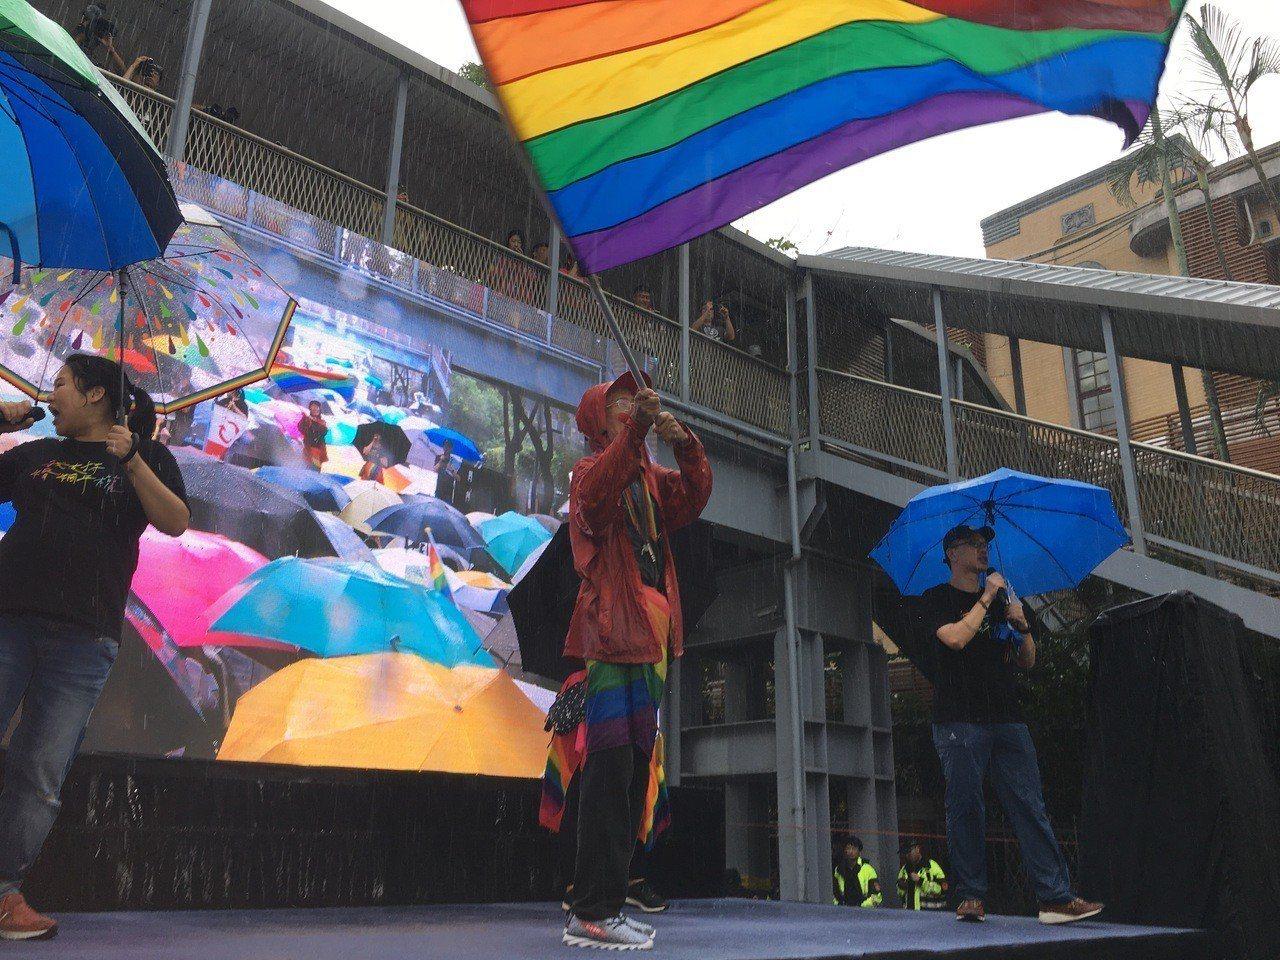 祁家威爭取同婚漫漫長路30餘年,今天在舞台上一貫地揮舞著他的彩虹旗,支持者感動爆...